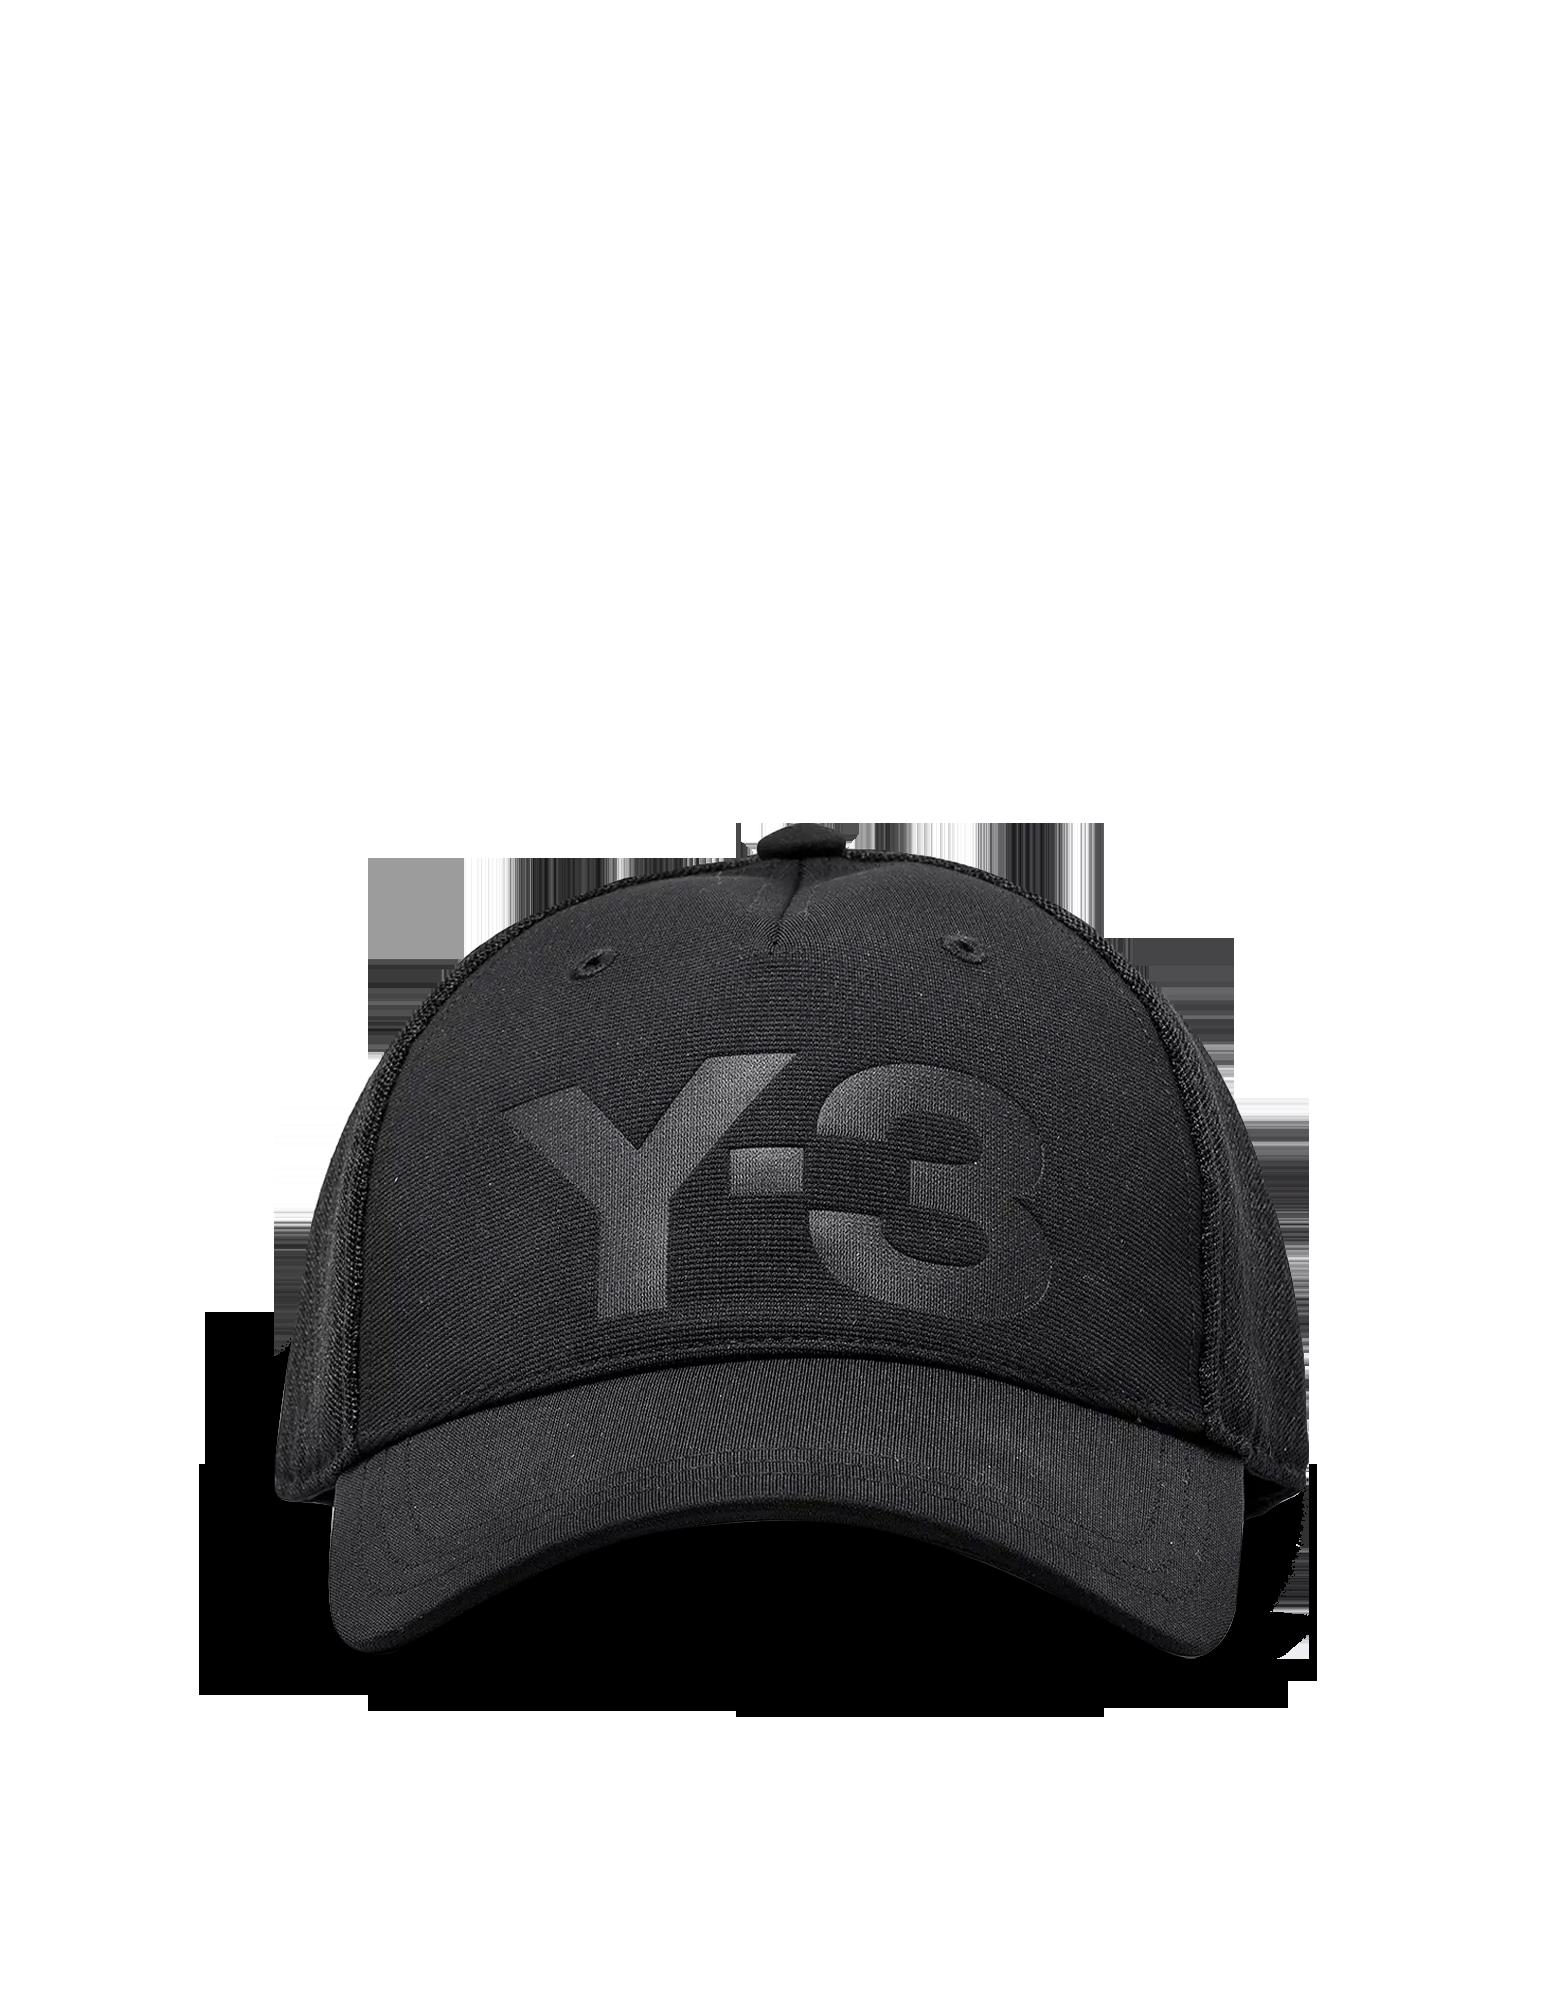 Image of Black Trucker Baseball Cap